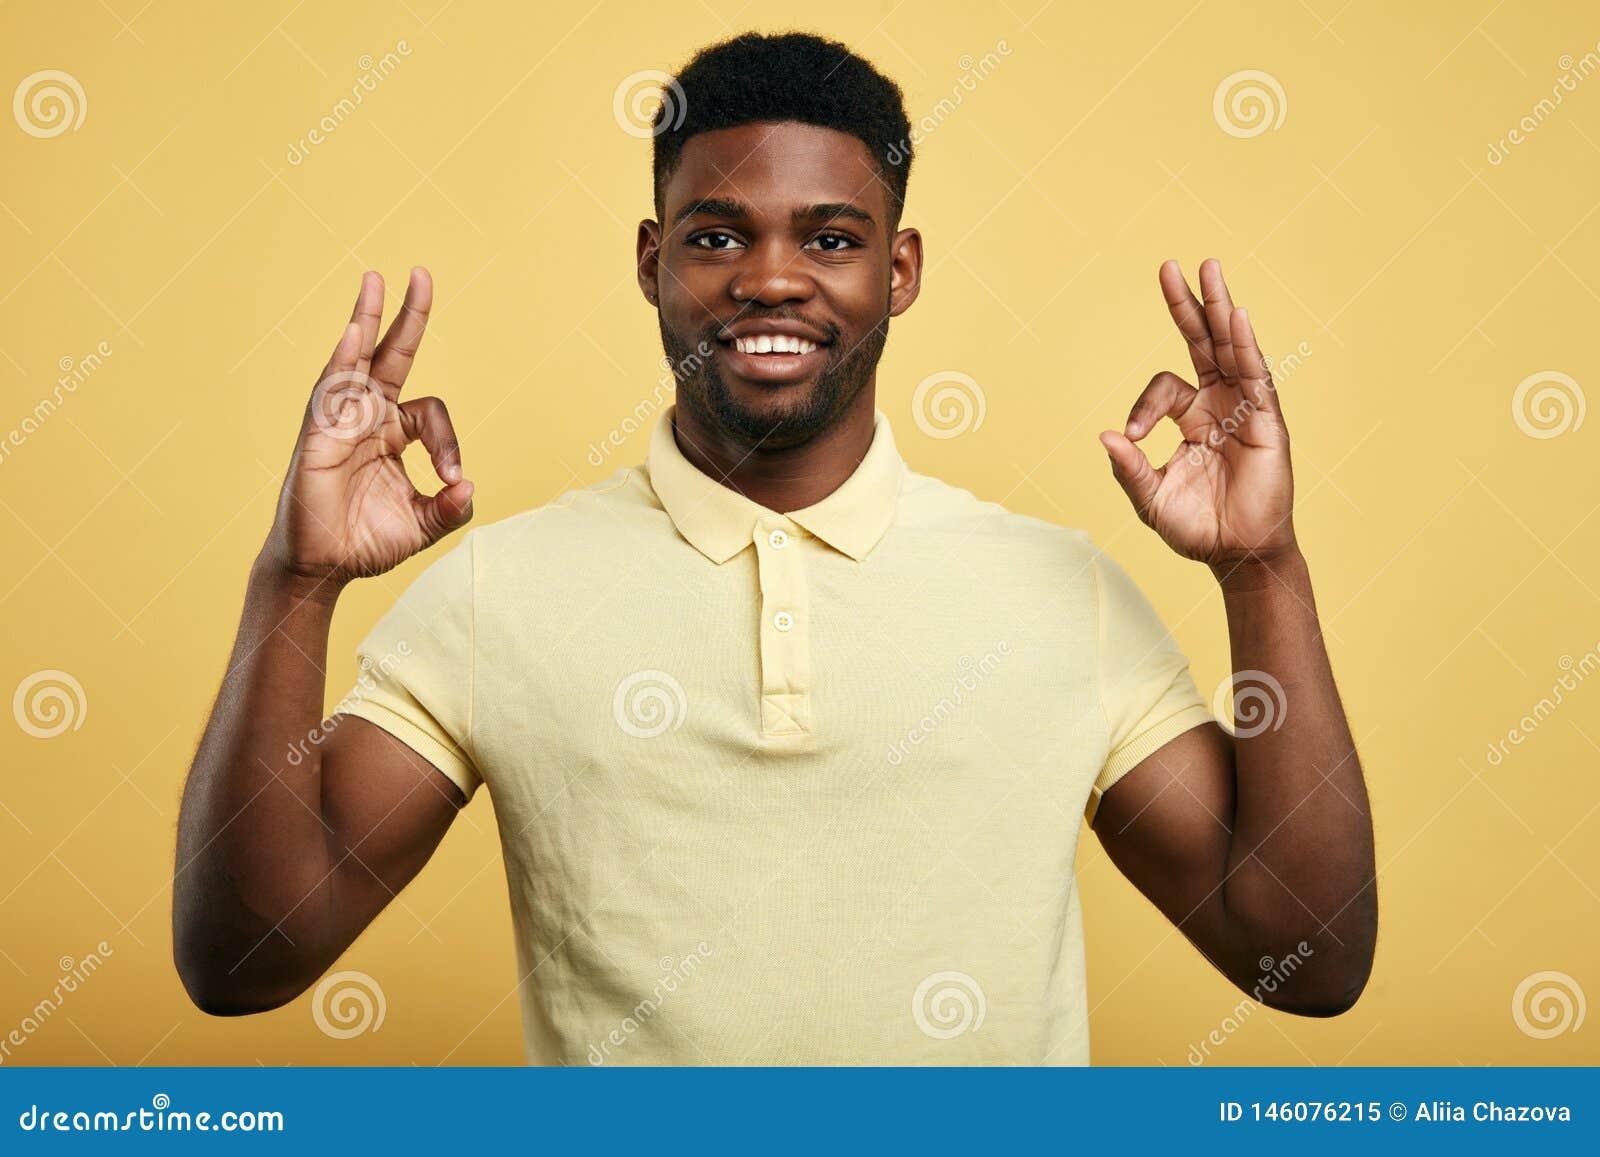 O indivíduo positivo mostra o gesto APROVADO em um fundo amarelo